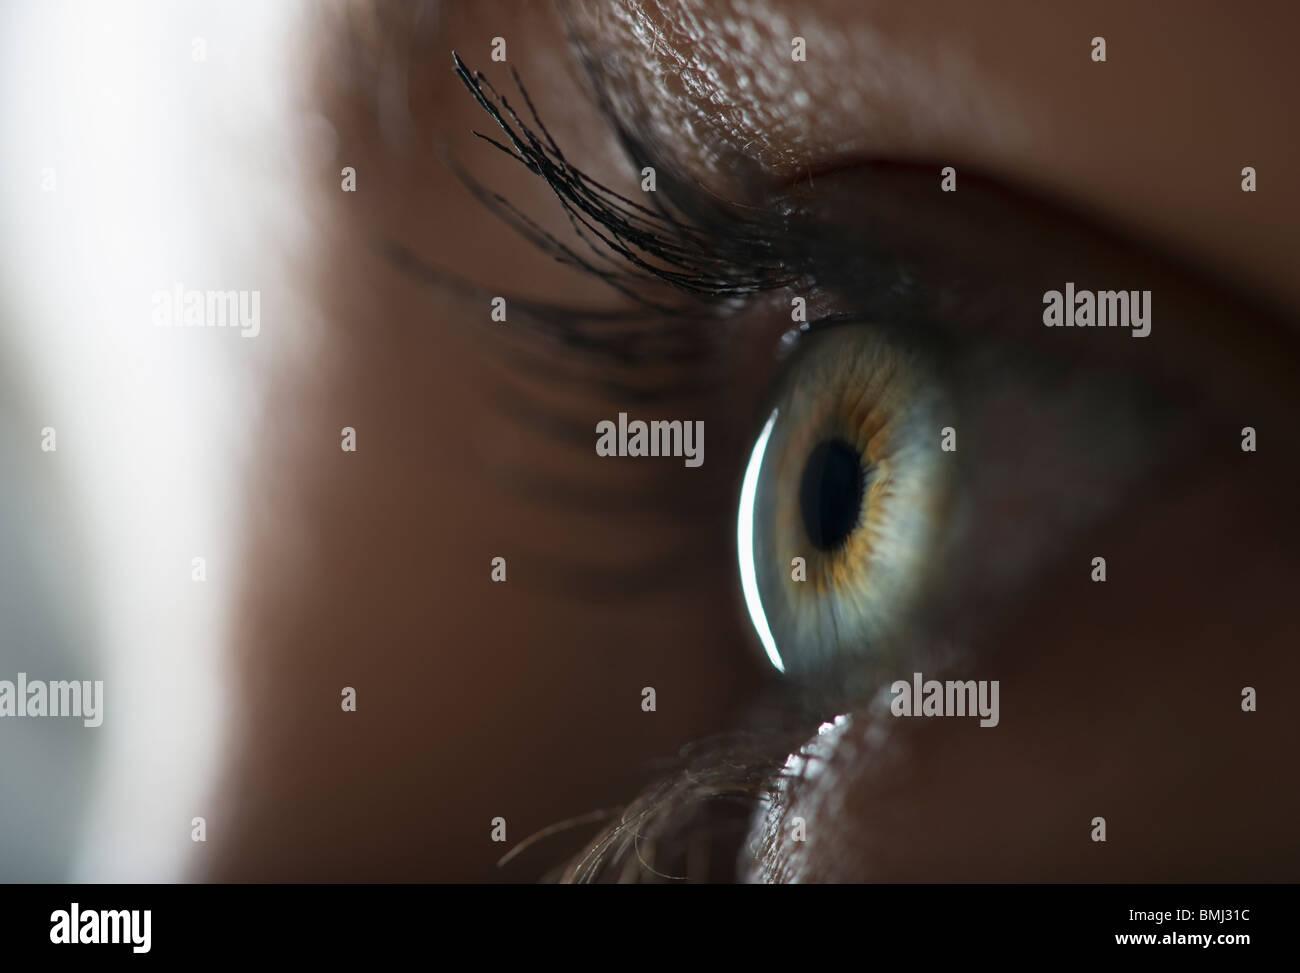 Frau Auge Stockbild